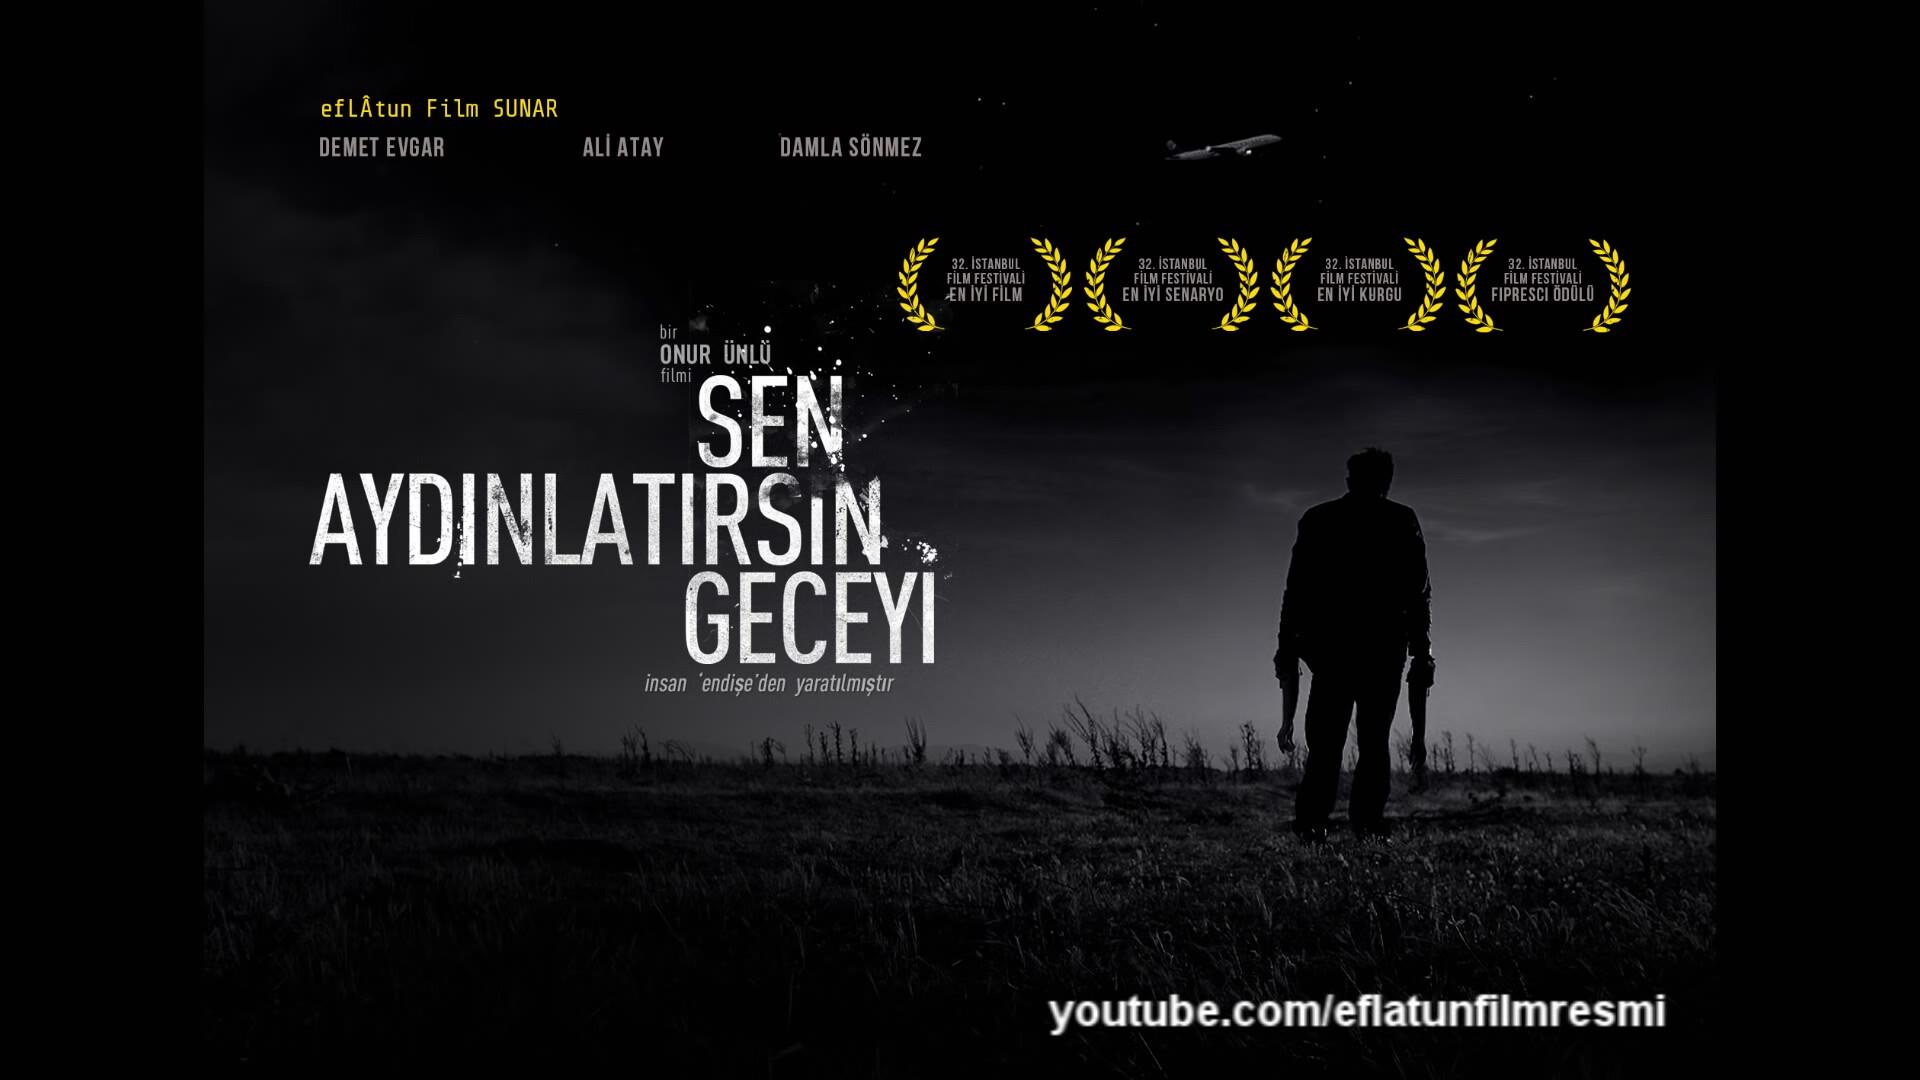 Mehmet Erdem – Gülmek İçin Yaratılmış (Sen Aydınlatırsın Geceyi)